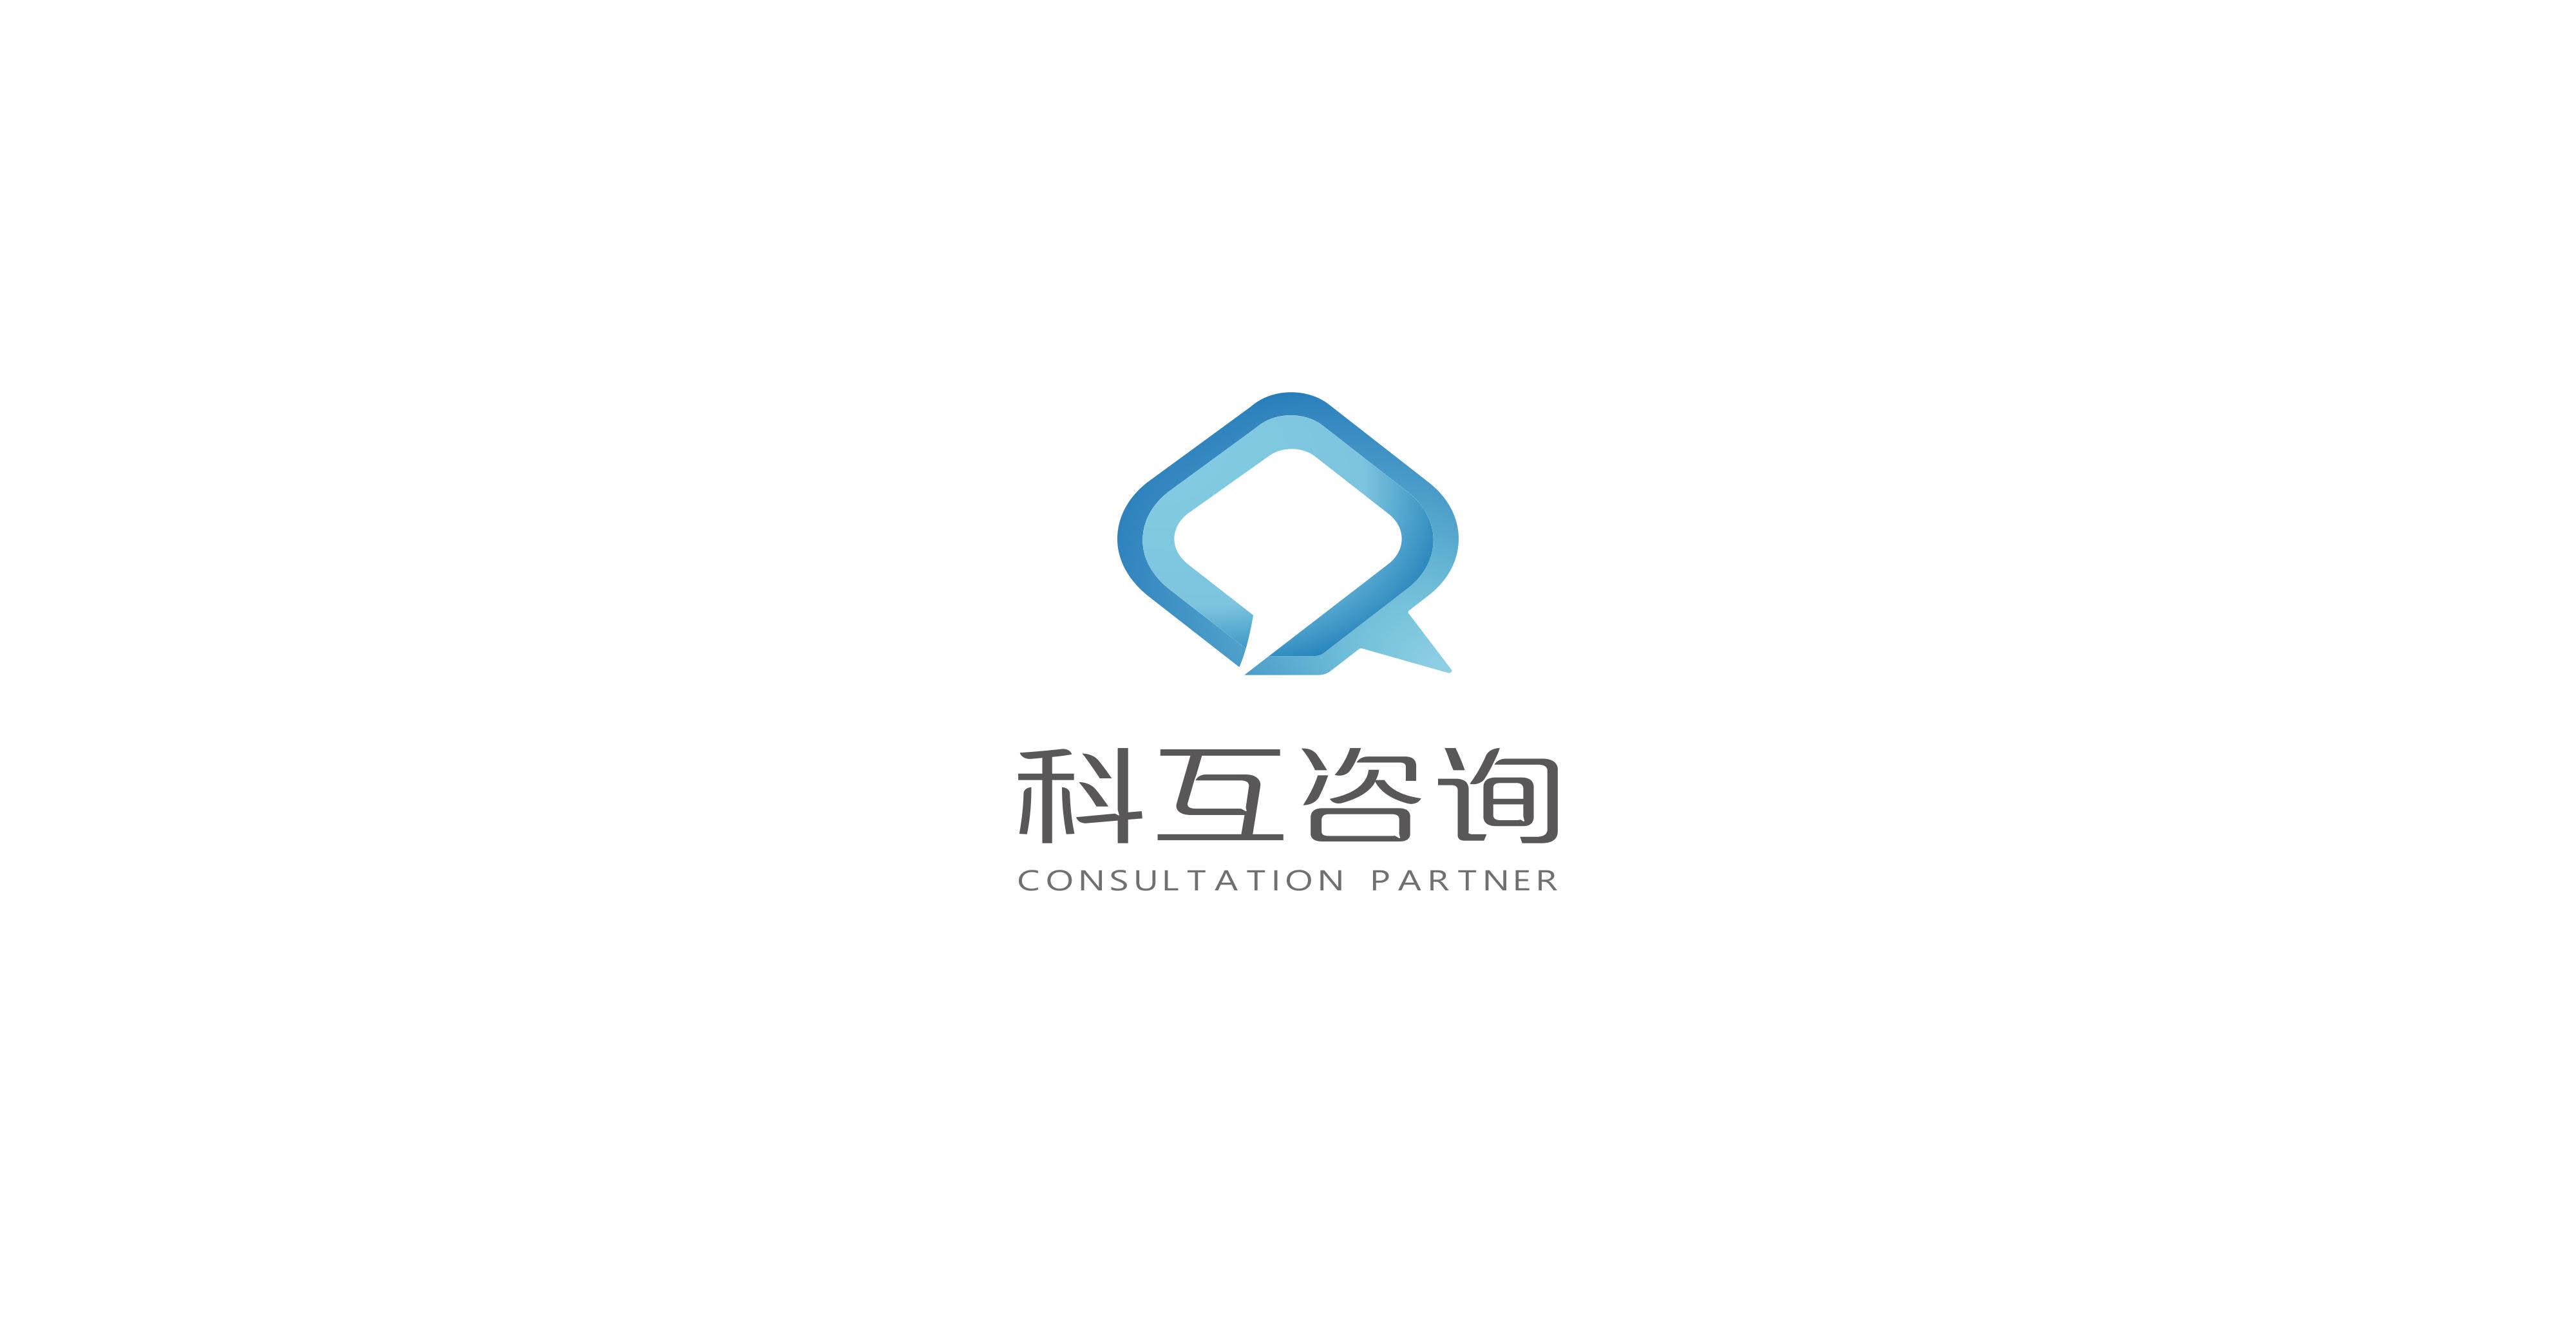 上海启贤信息科技有限公司3